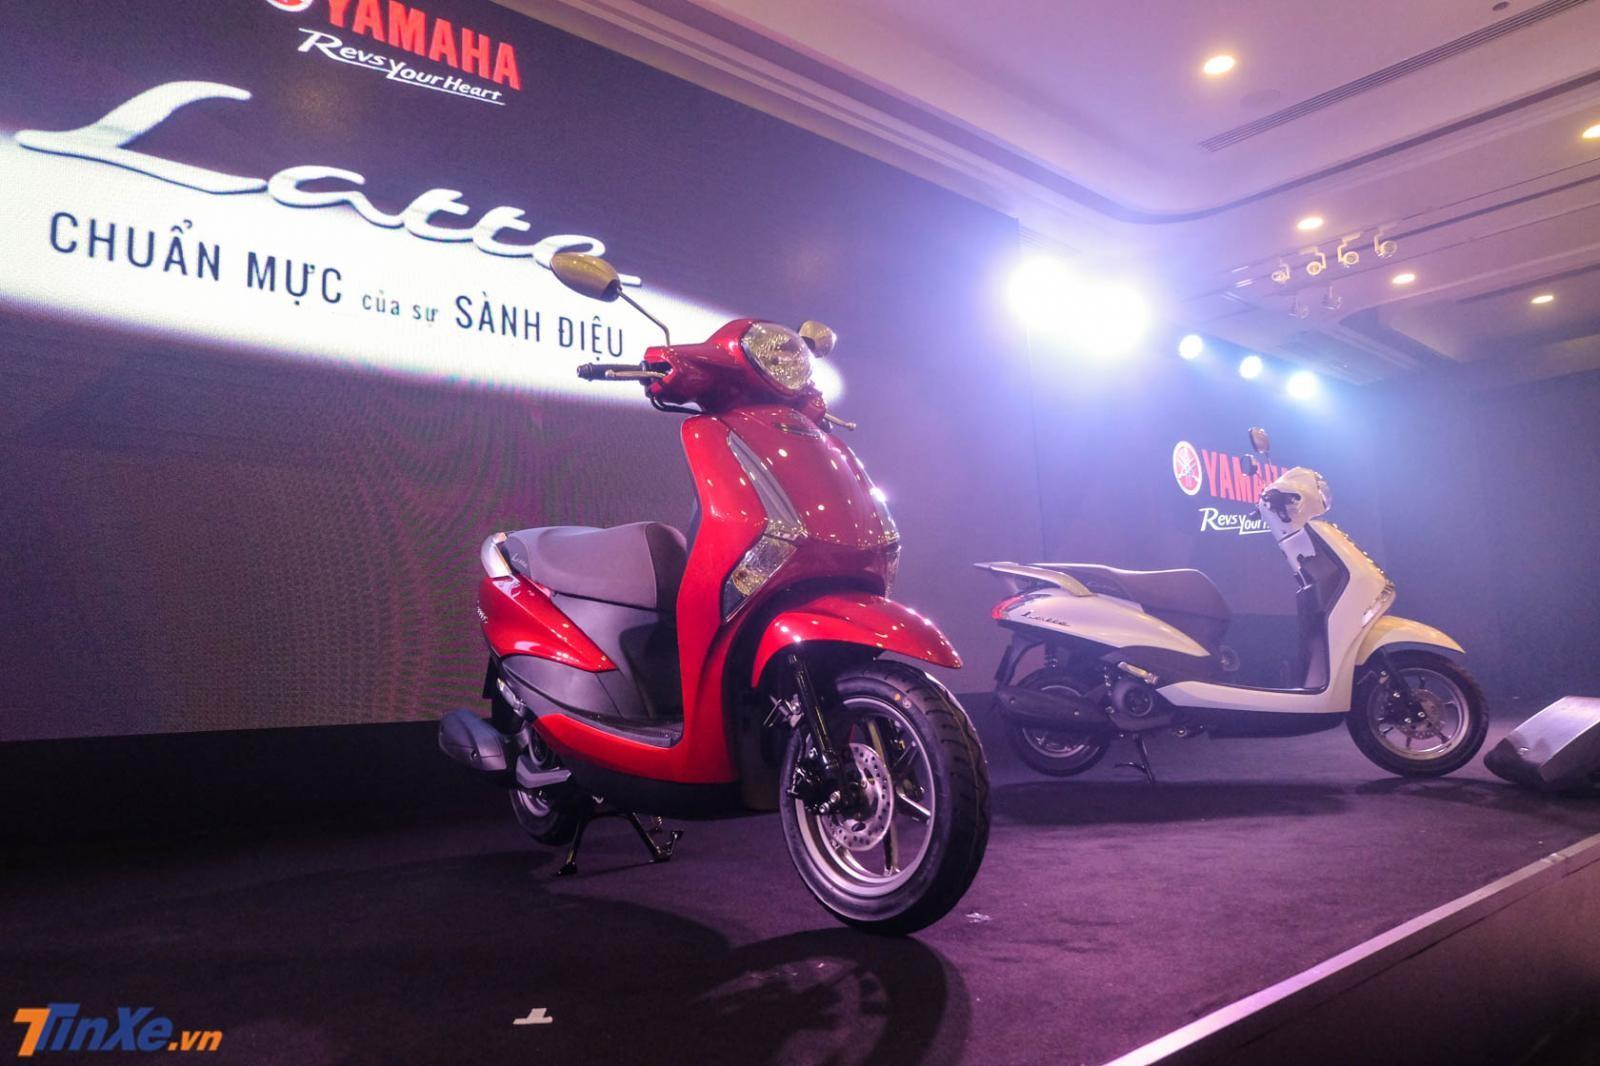 Yamaha Latte được bán chính hãng từ tháng 6 với mức giá 37,9 triệu đồng